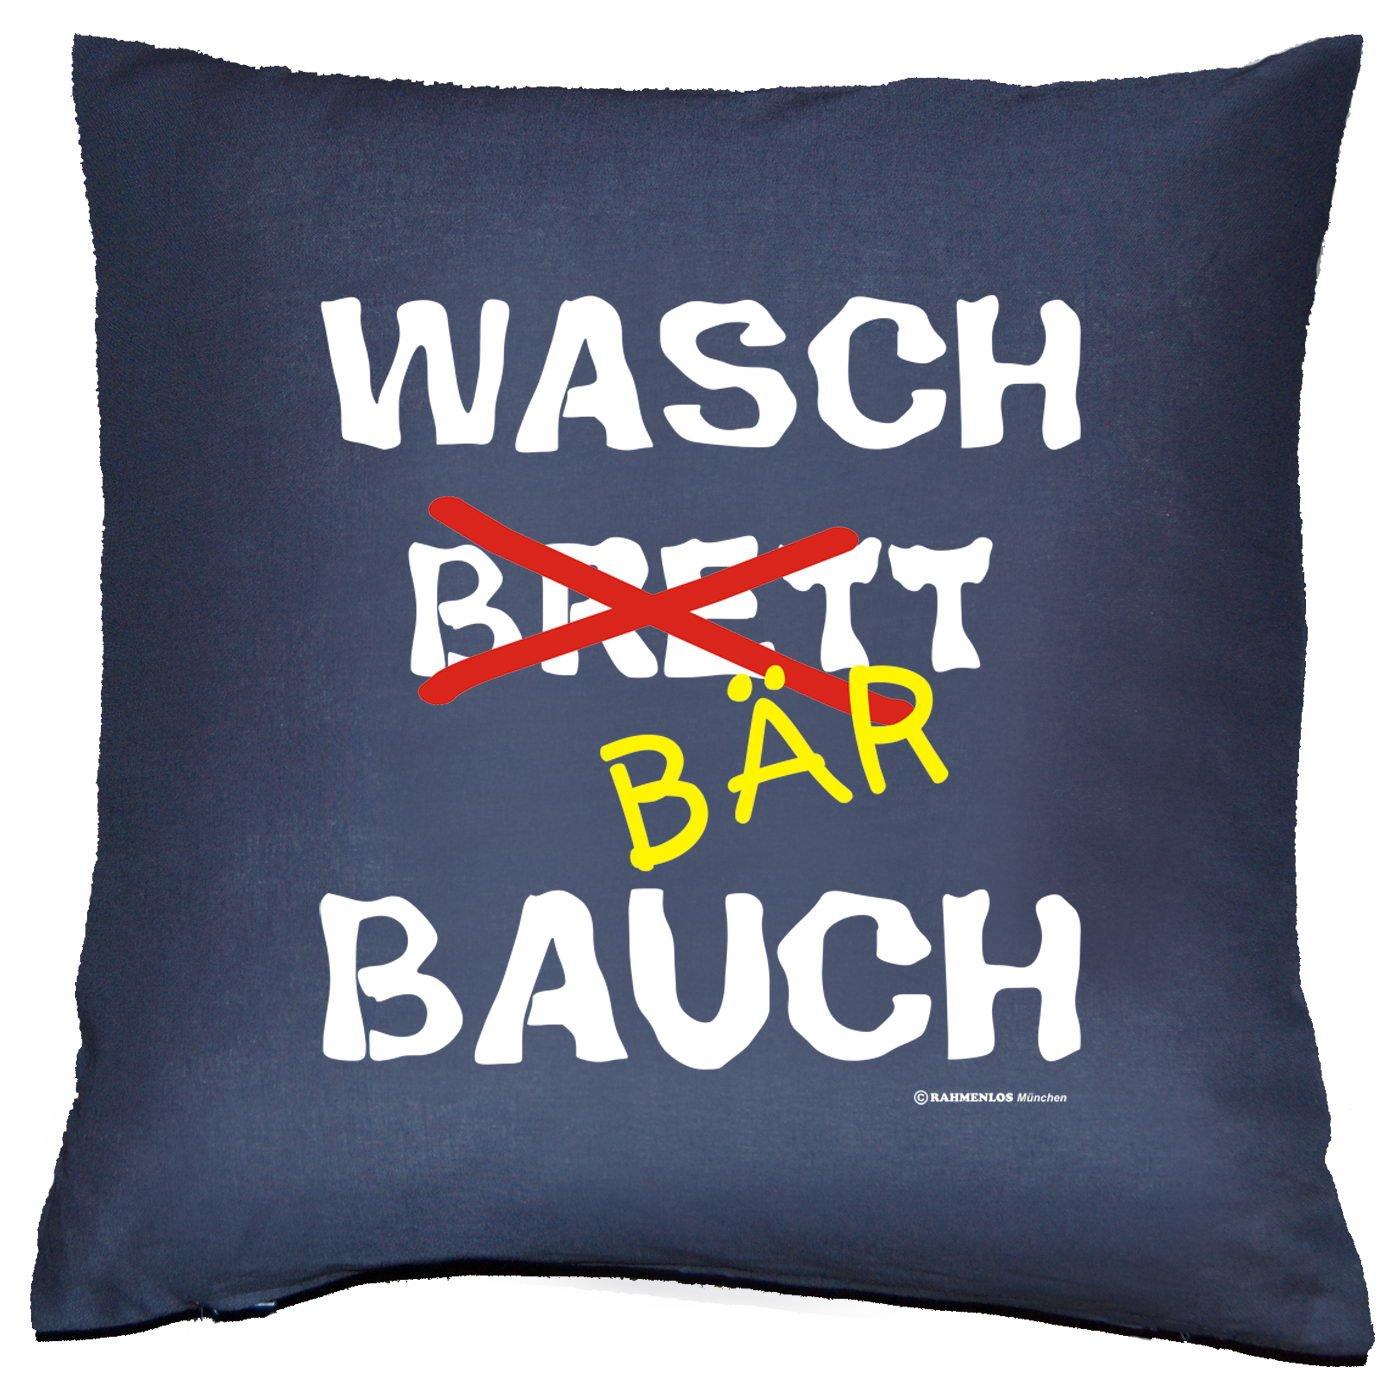 Sofa Fun Kissen mit Füllung - Spruch: Waschbärbauch - cooles lustiges Geschenk Couchkissen Sofakissen Dekokissen Geburtstag Weihnachten